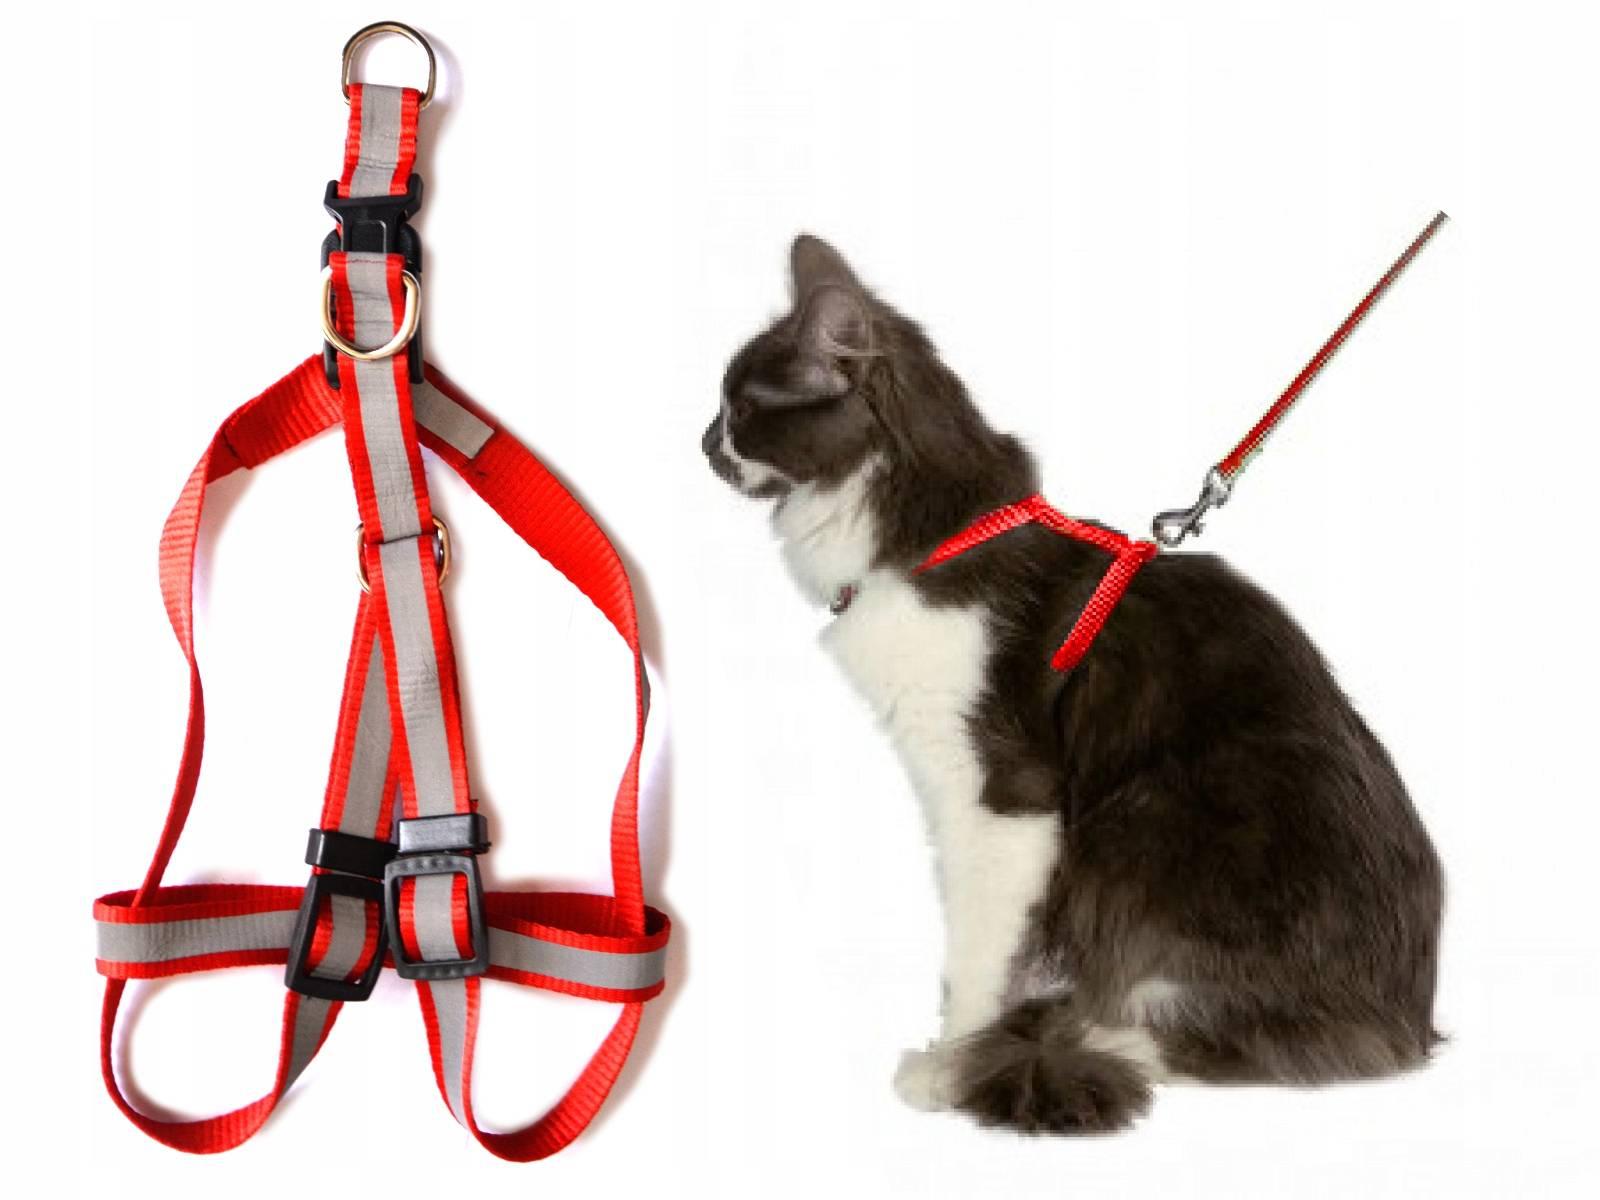 Как одевать на собаку шлейку: пошаговая инструкция и полезные советы